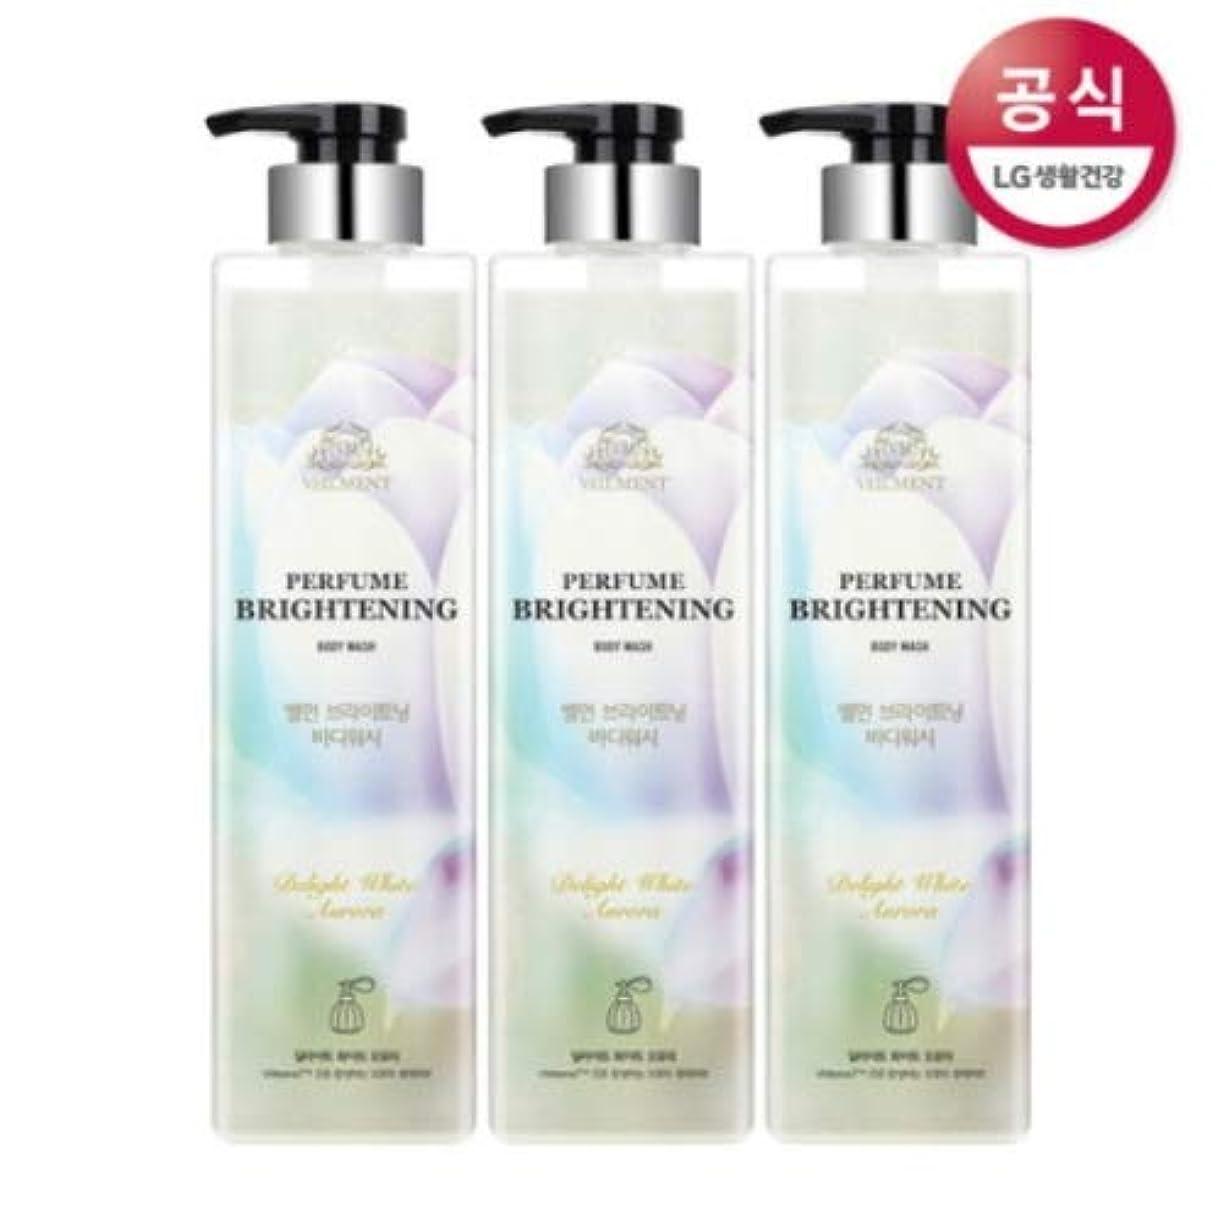 器官ゆでるドック[LG HnB] On the Body Belman Perfume Brightening Body Wash / オンザボディベルモンパフュームブライトニングボディウォッシュ680mlx3個(海外直送品)